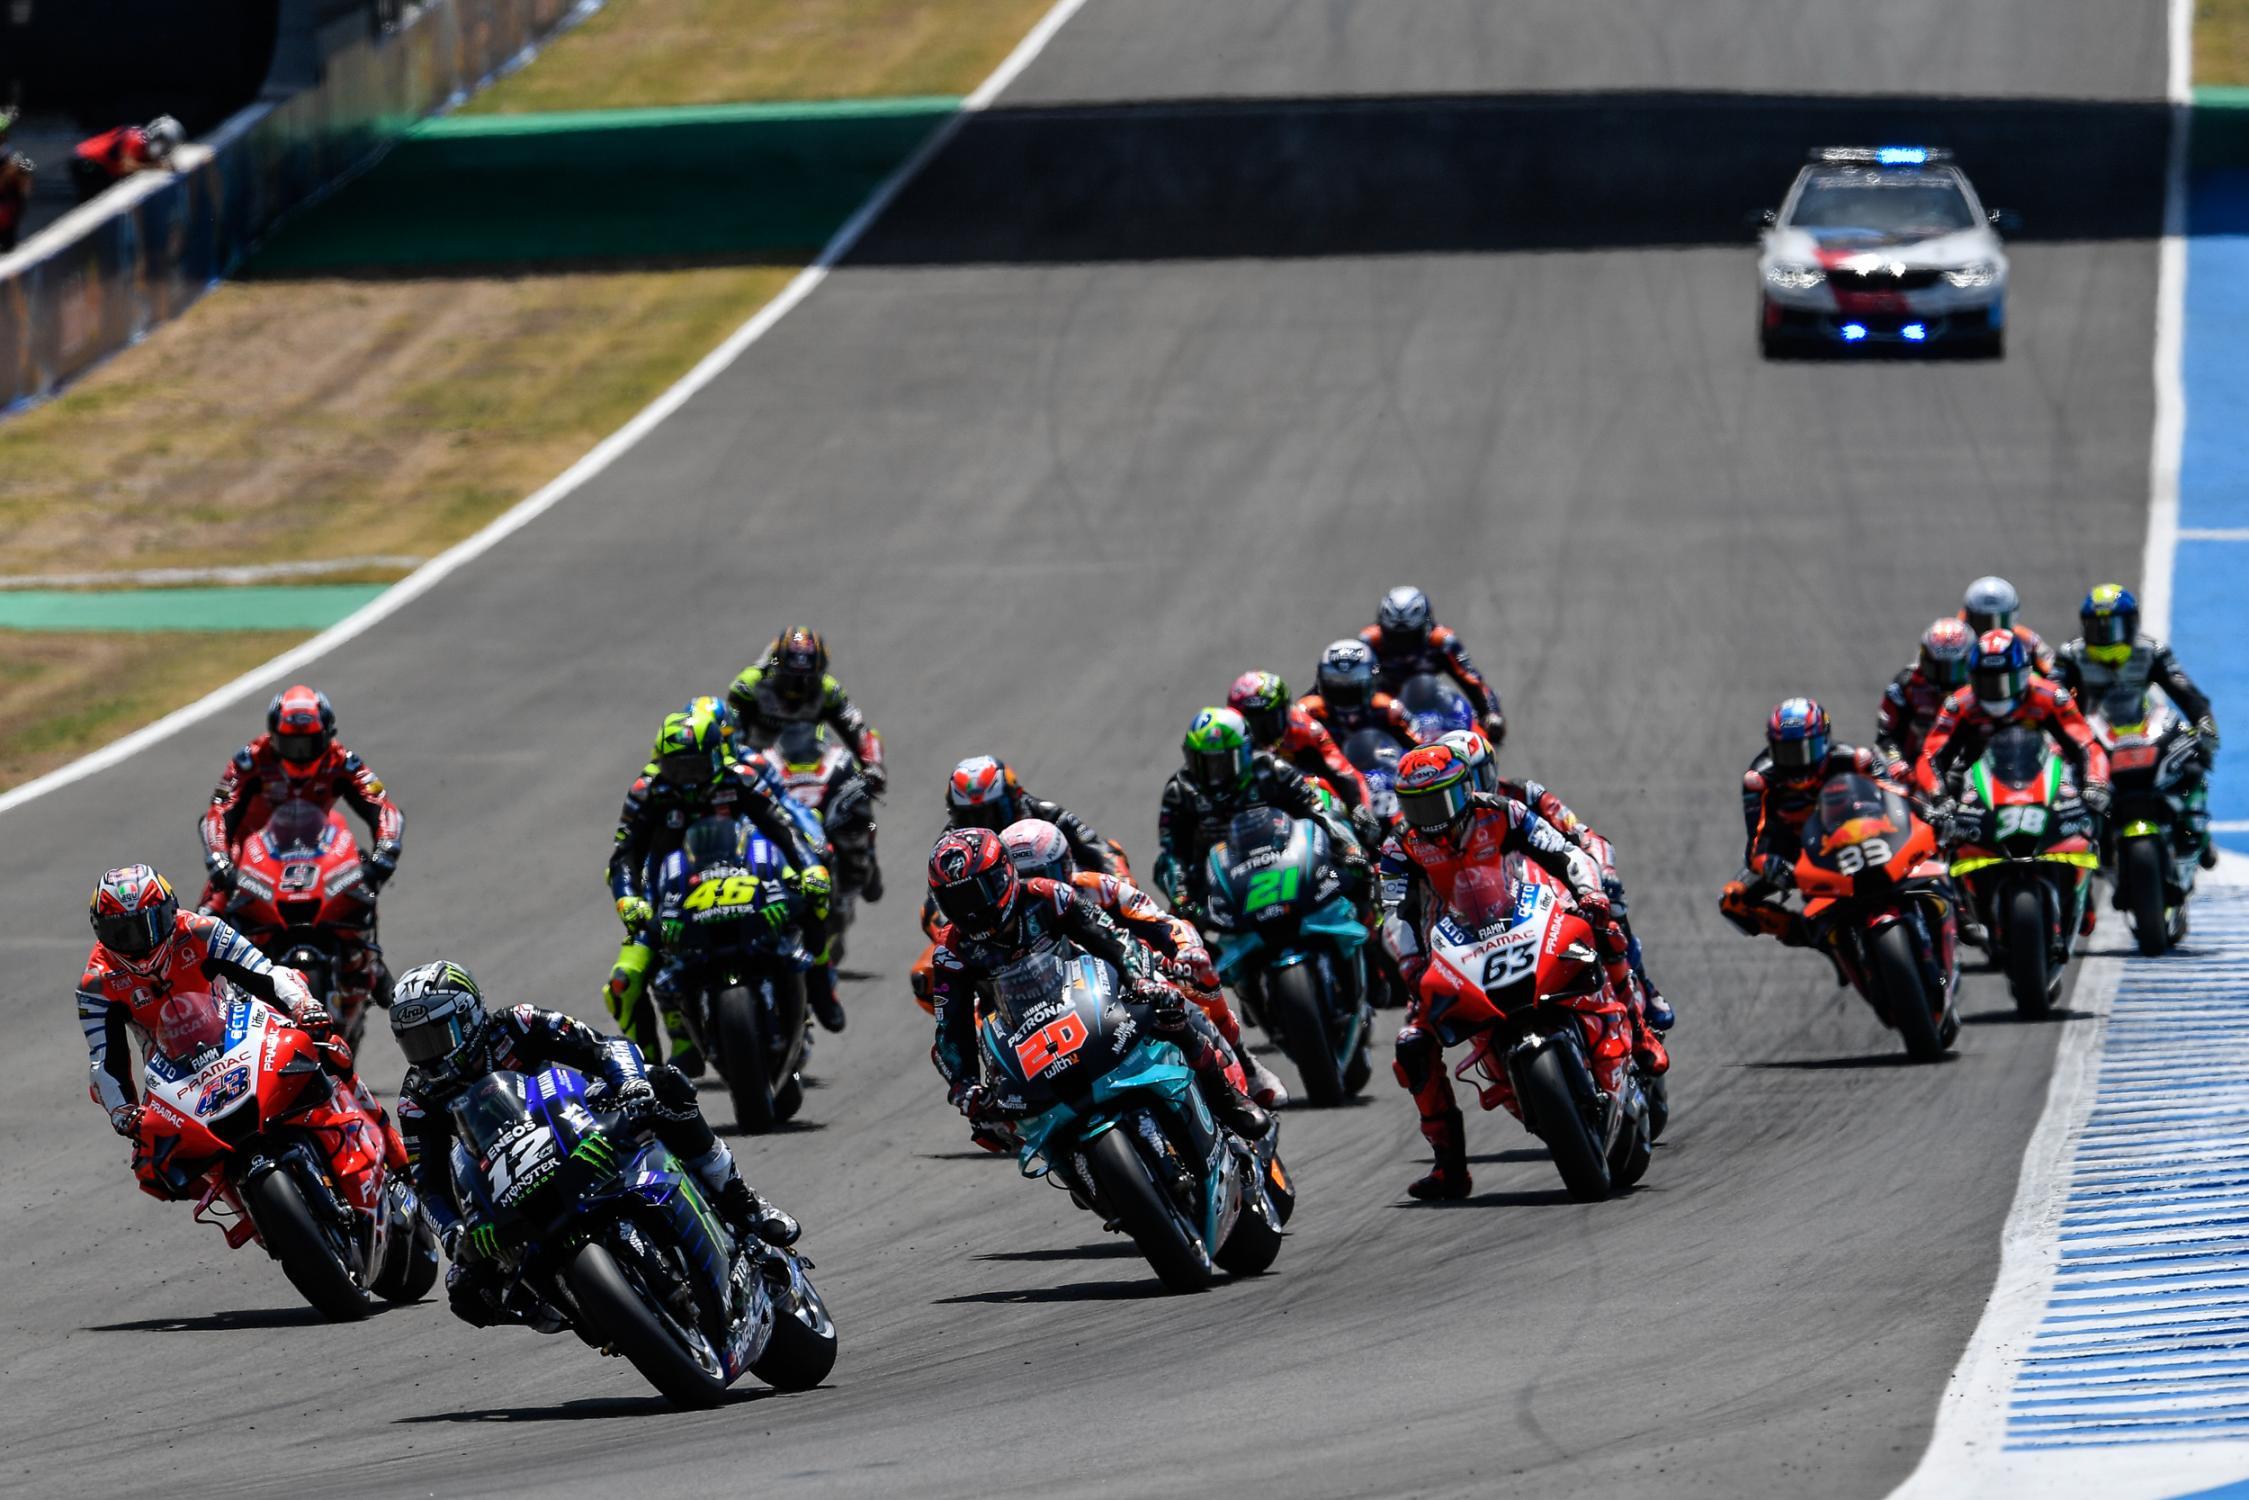 Calendrier 2021 Moto Gp Le calendrier MotoGP 2021 devrait sortir en octobre (Westacott